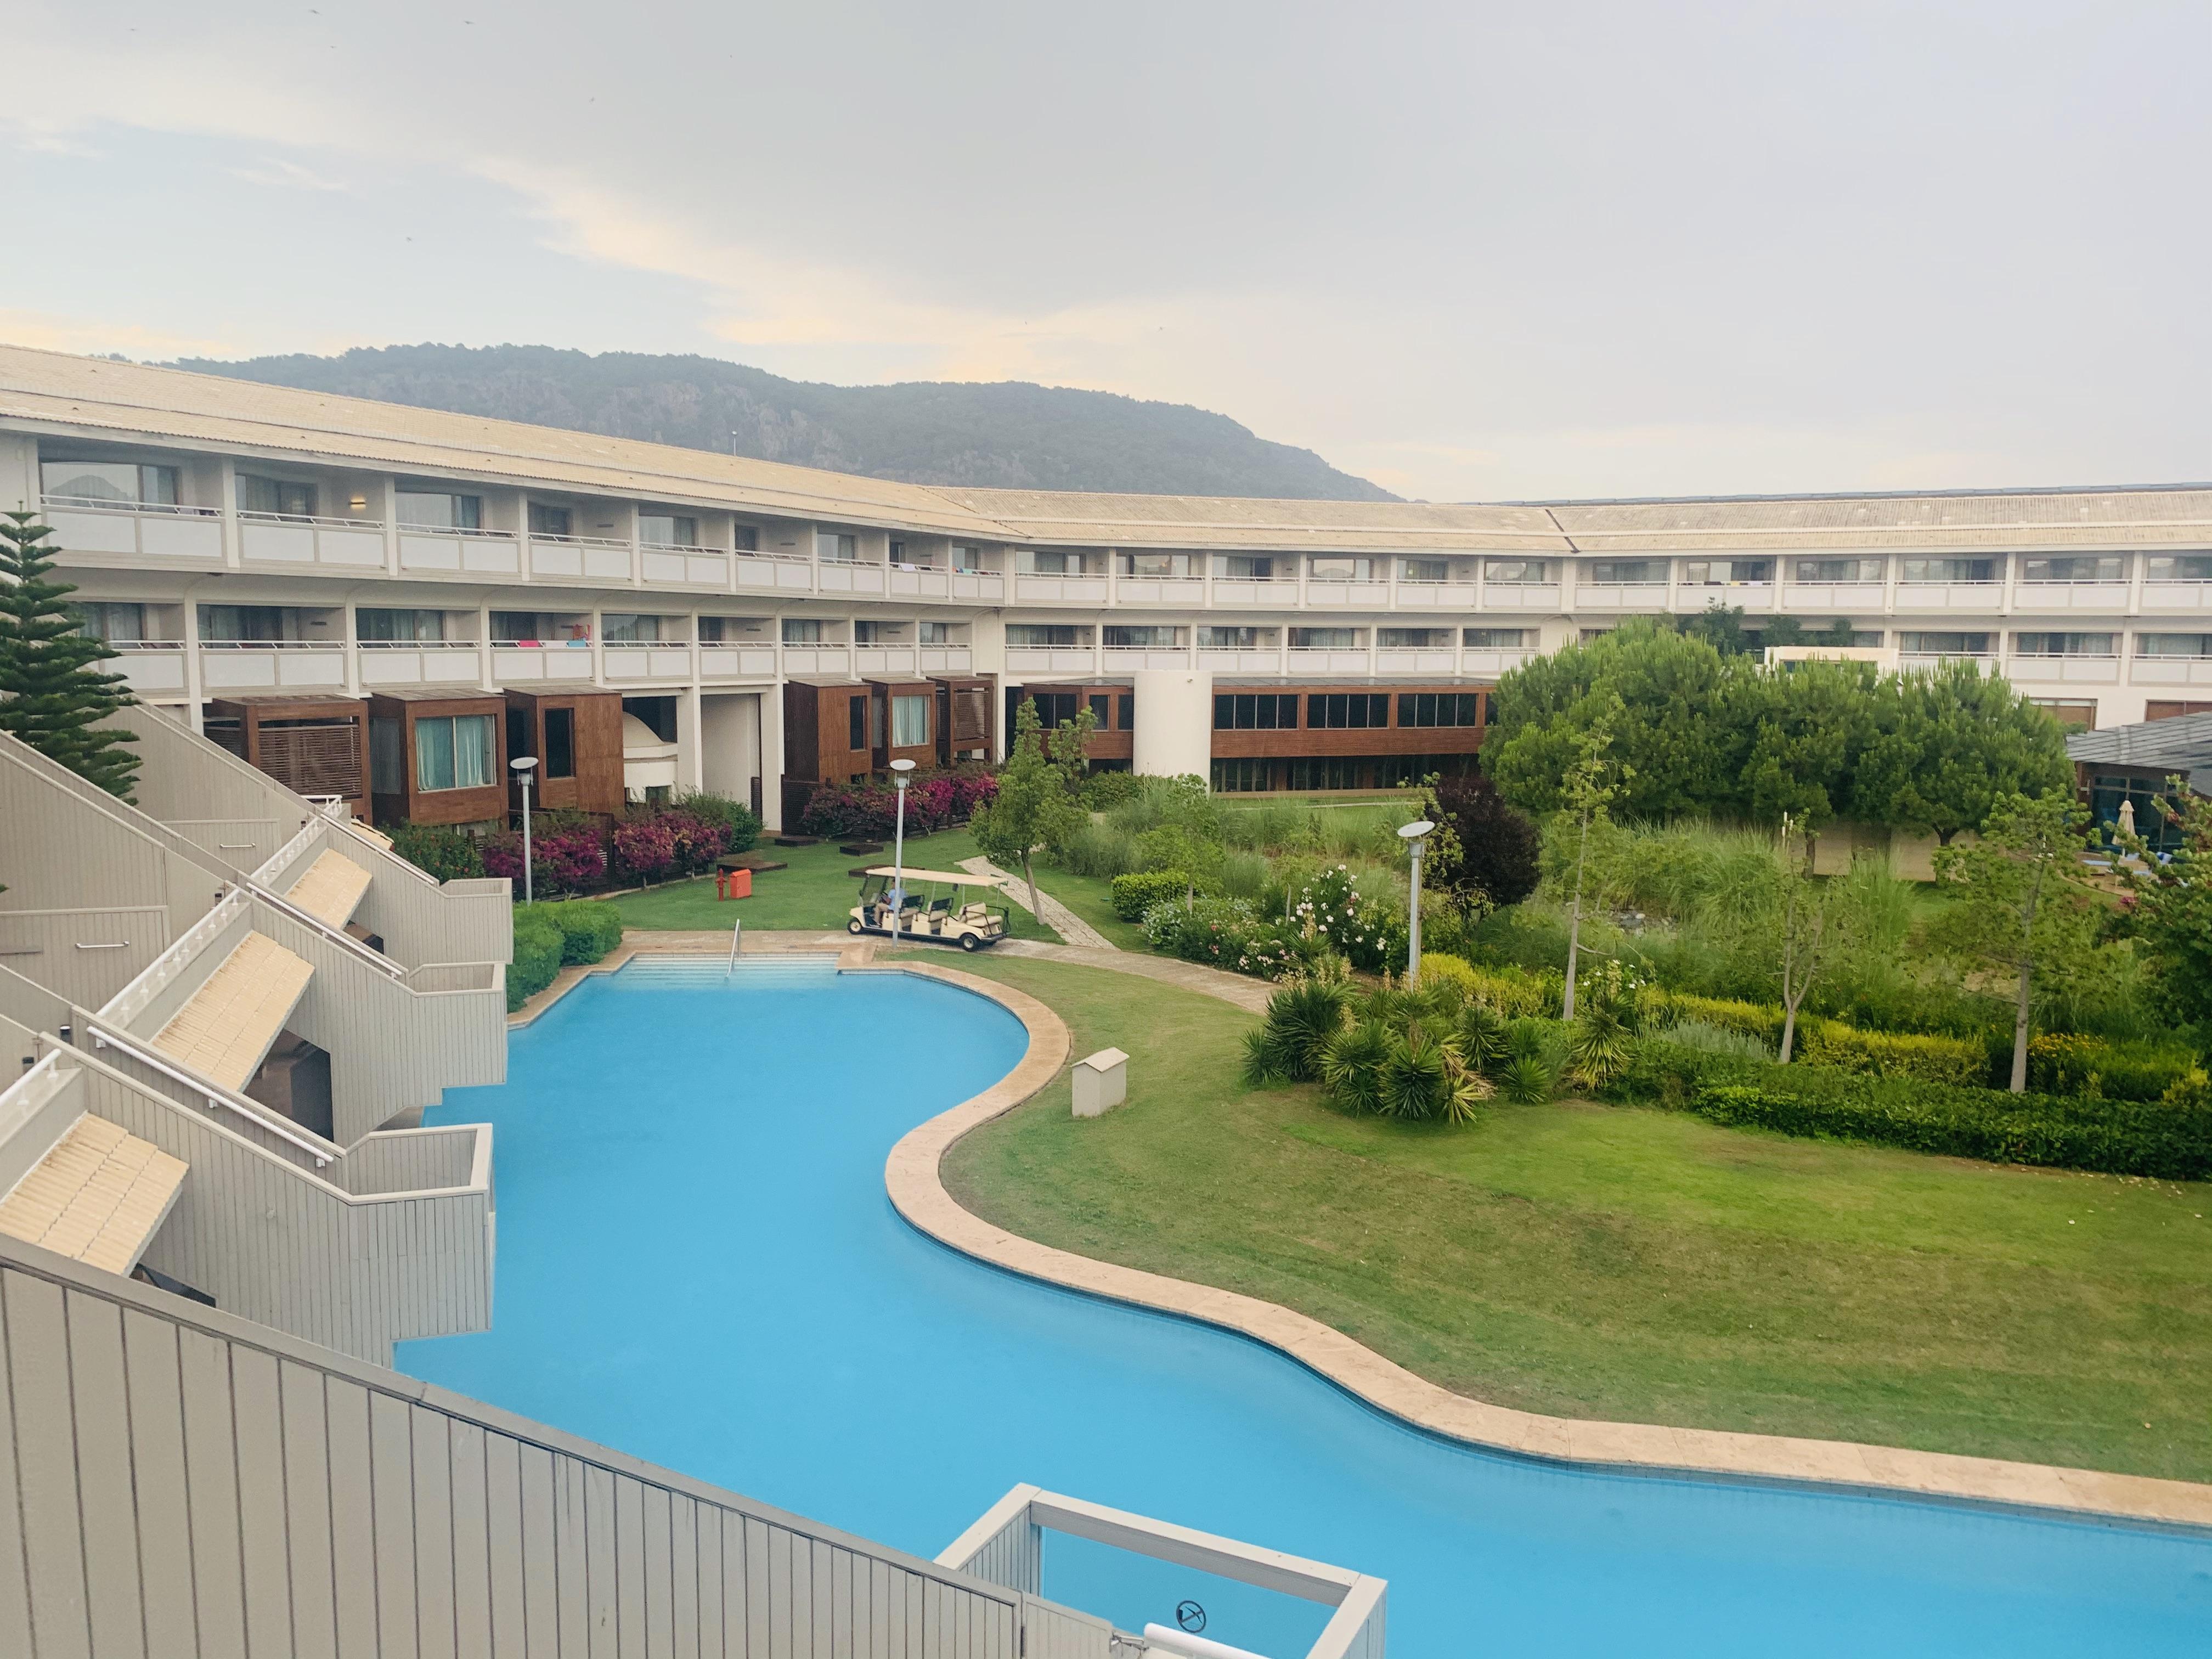 Турецкие гостиницы дезинфицируются и обрабатывают поступающий в них багаж гостей не хуже инфекционных больниц